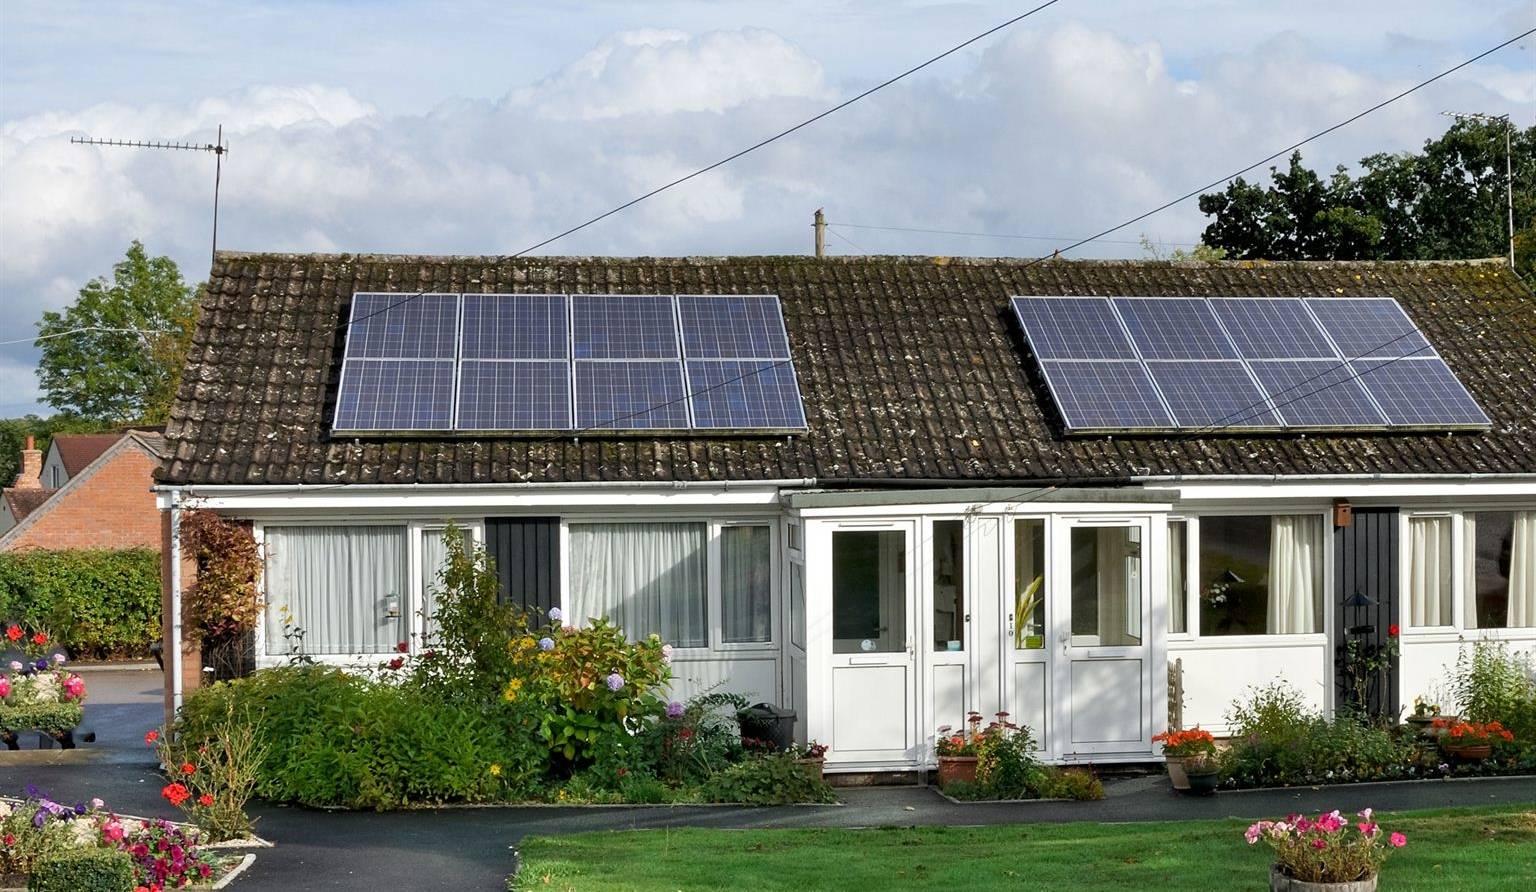 La toiture solaire photovoltaique